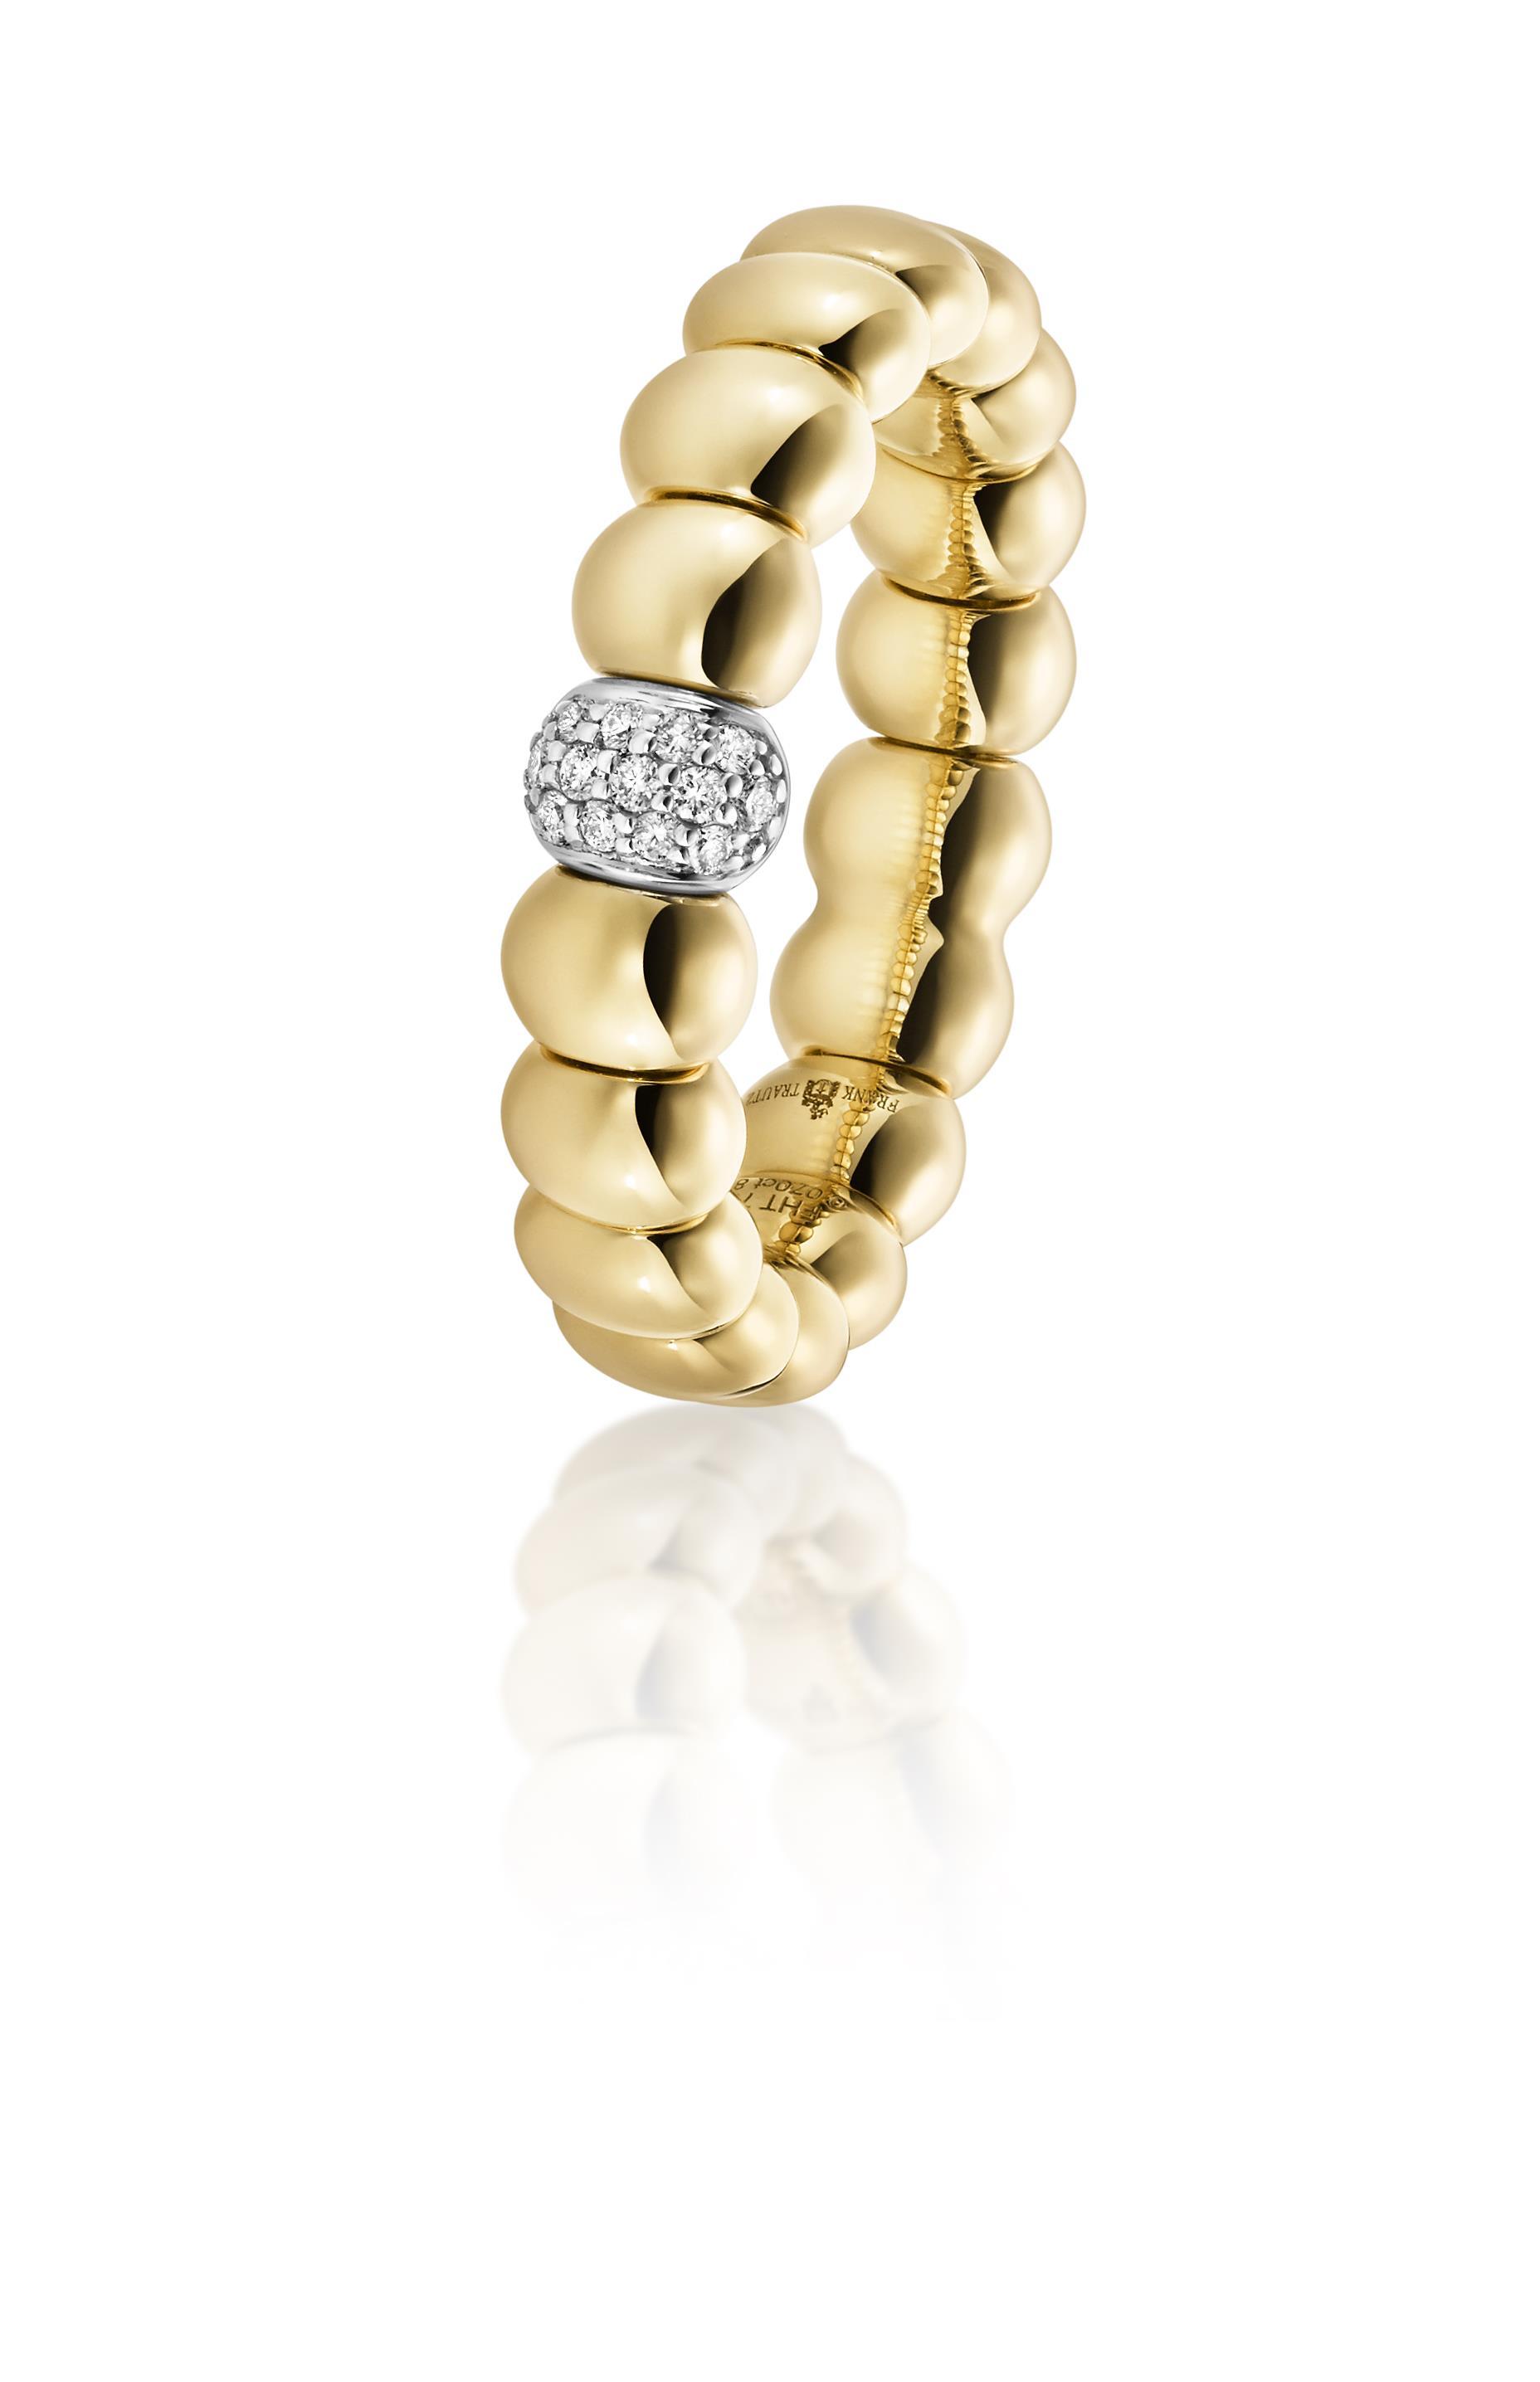 Brillantring 750 | 18 Karat Elfenbein Gold